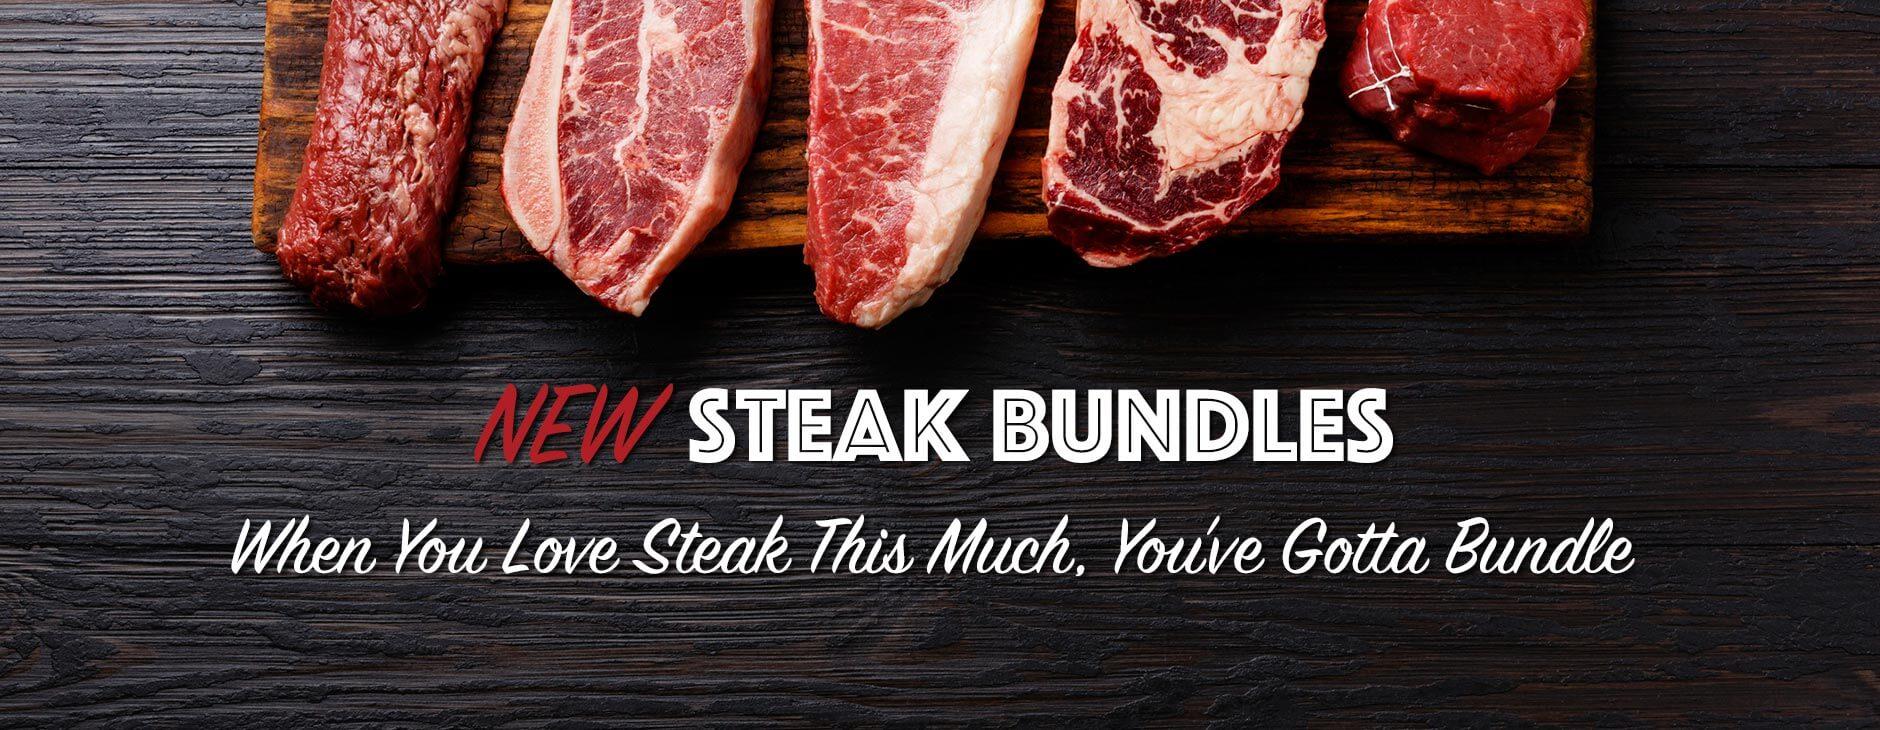 New Steak Bundles - When you love steak this much, you've gotta bundle.